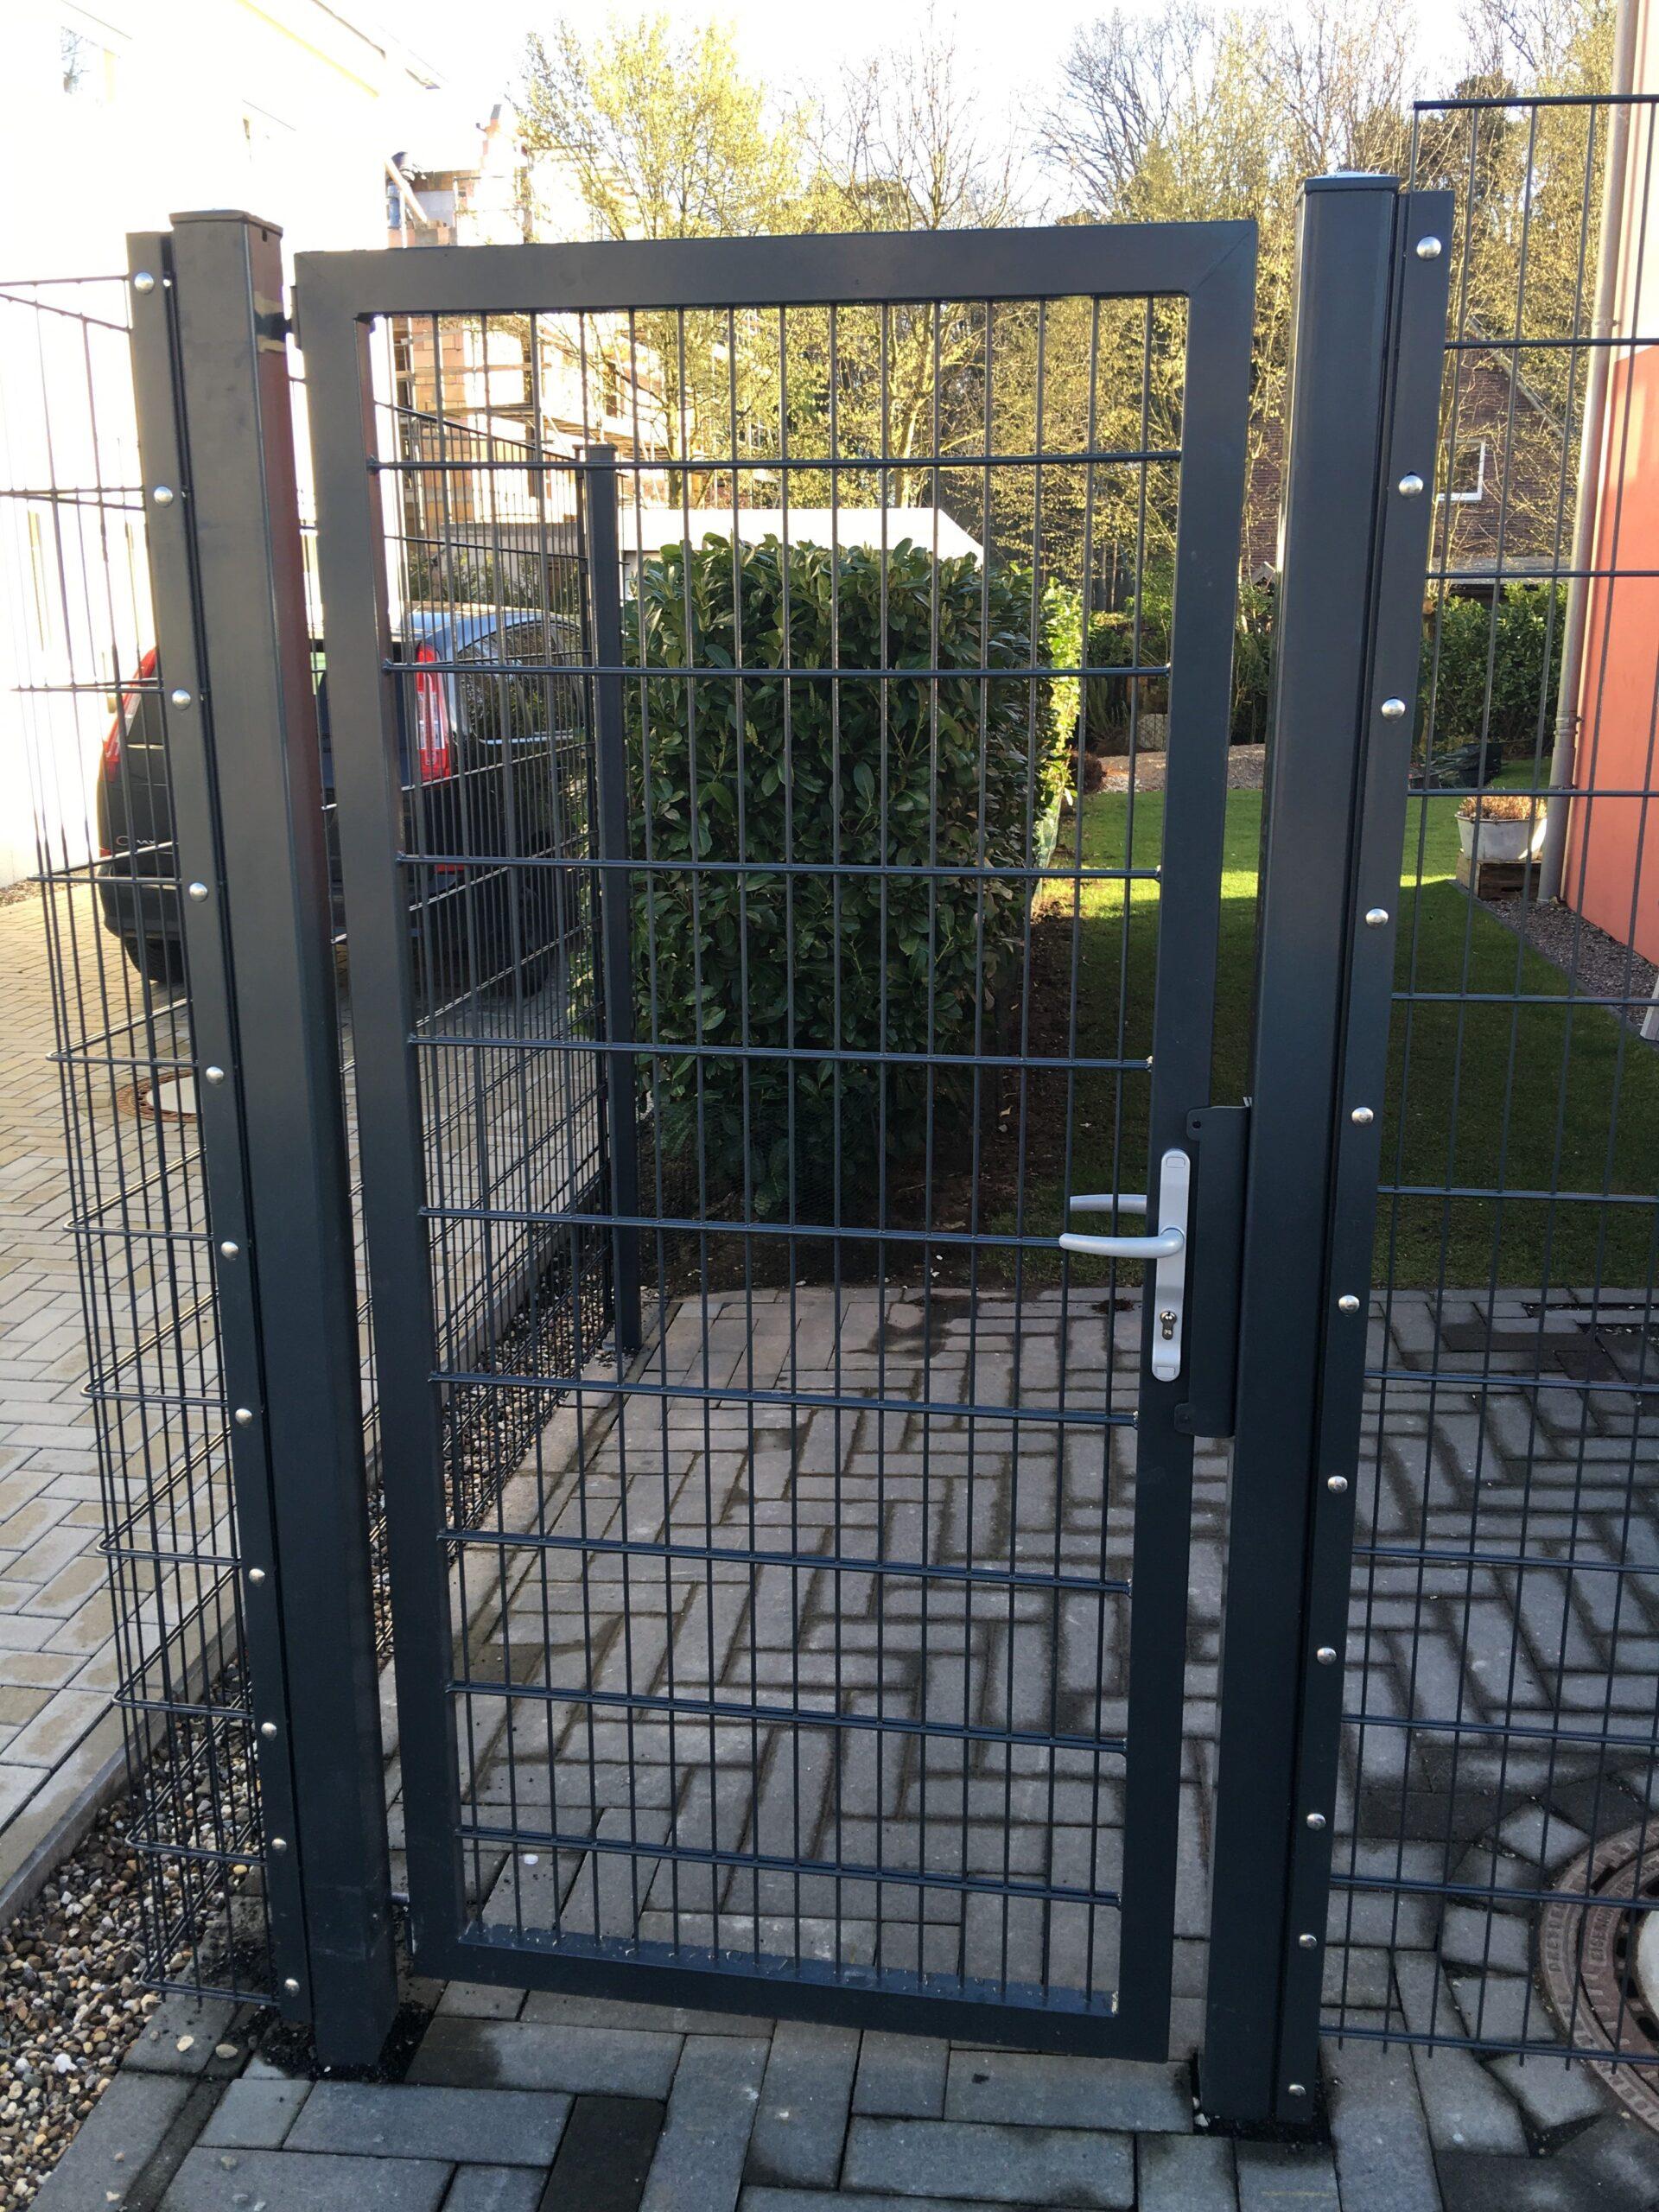 Full Size of Sichtschutz Metall Hornbach Garten Rost Sichtschutzfolie Für Fenster Bett Regale Regal Holz Weiß Wpc Im Wohnzimmer Sichtschutz Metall Hornbach